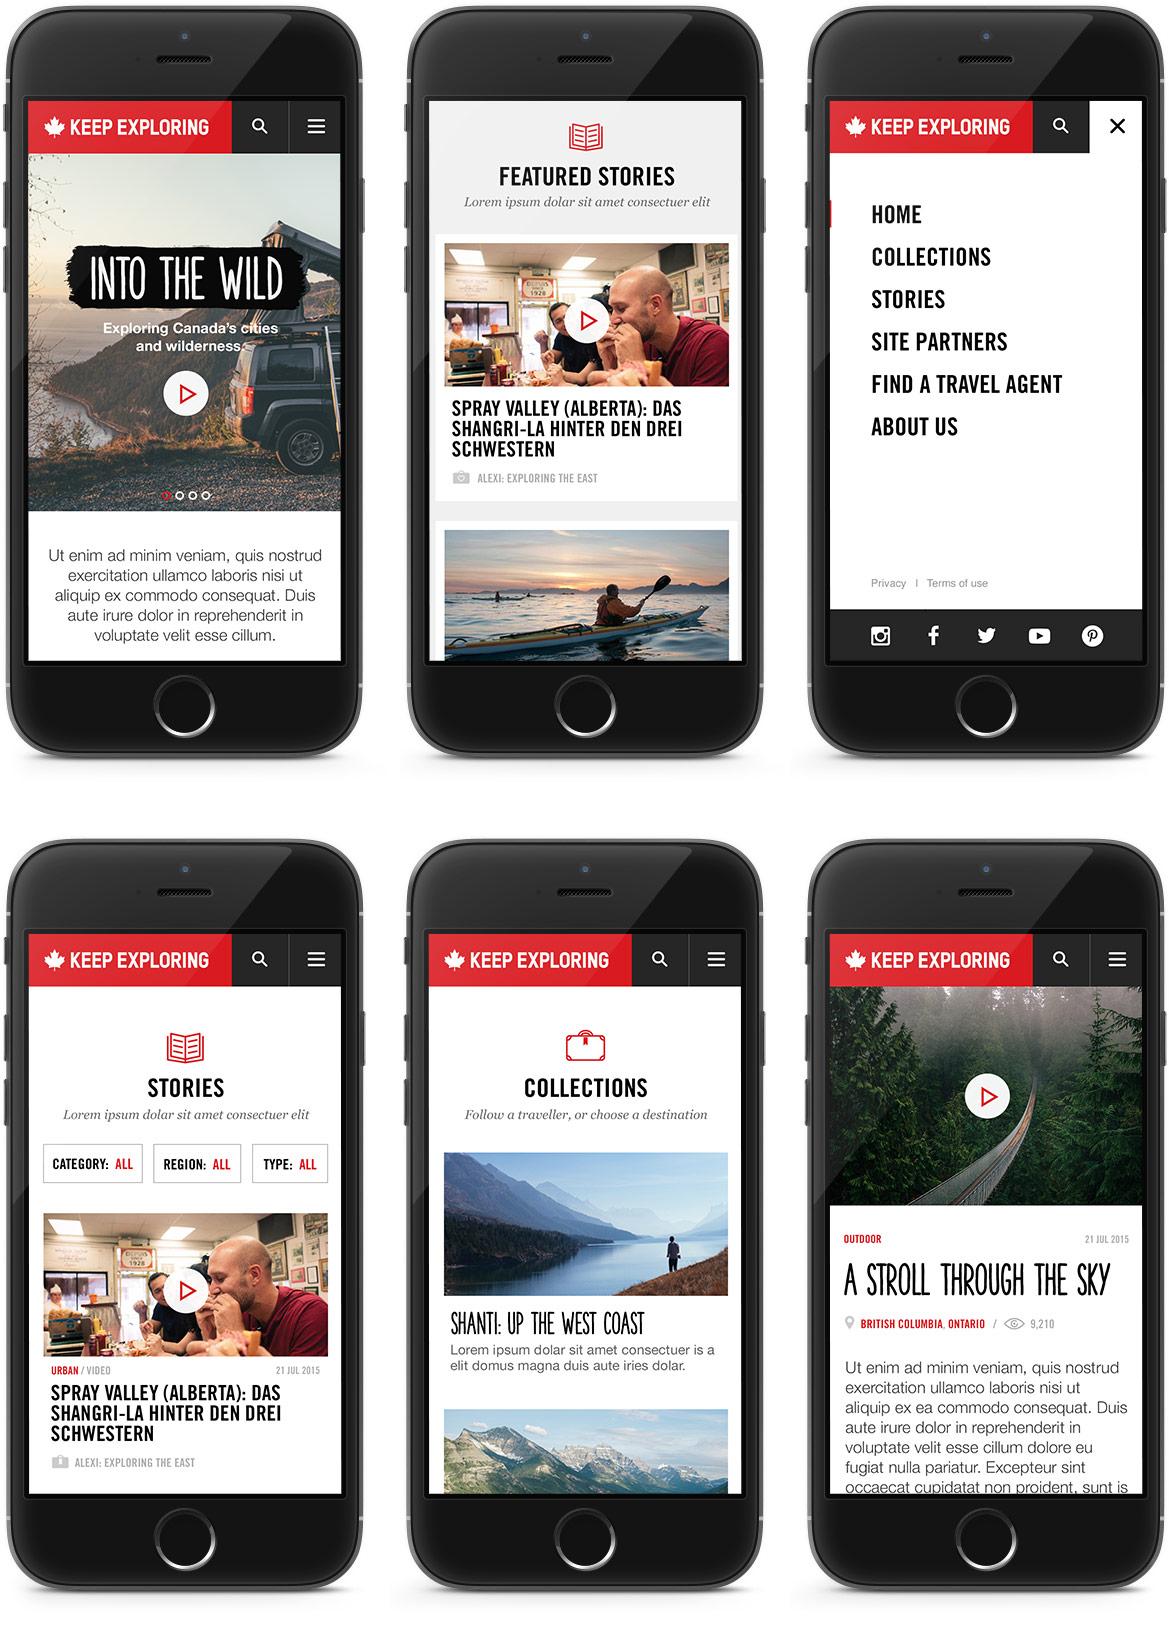 KE_Blog_mobile